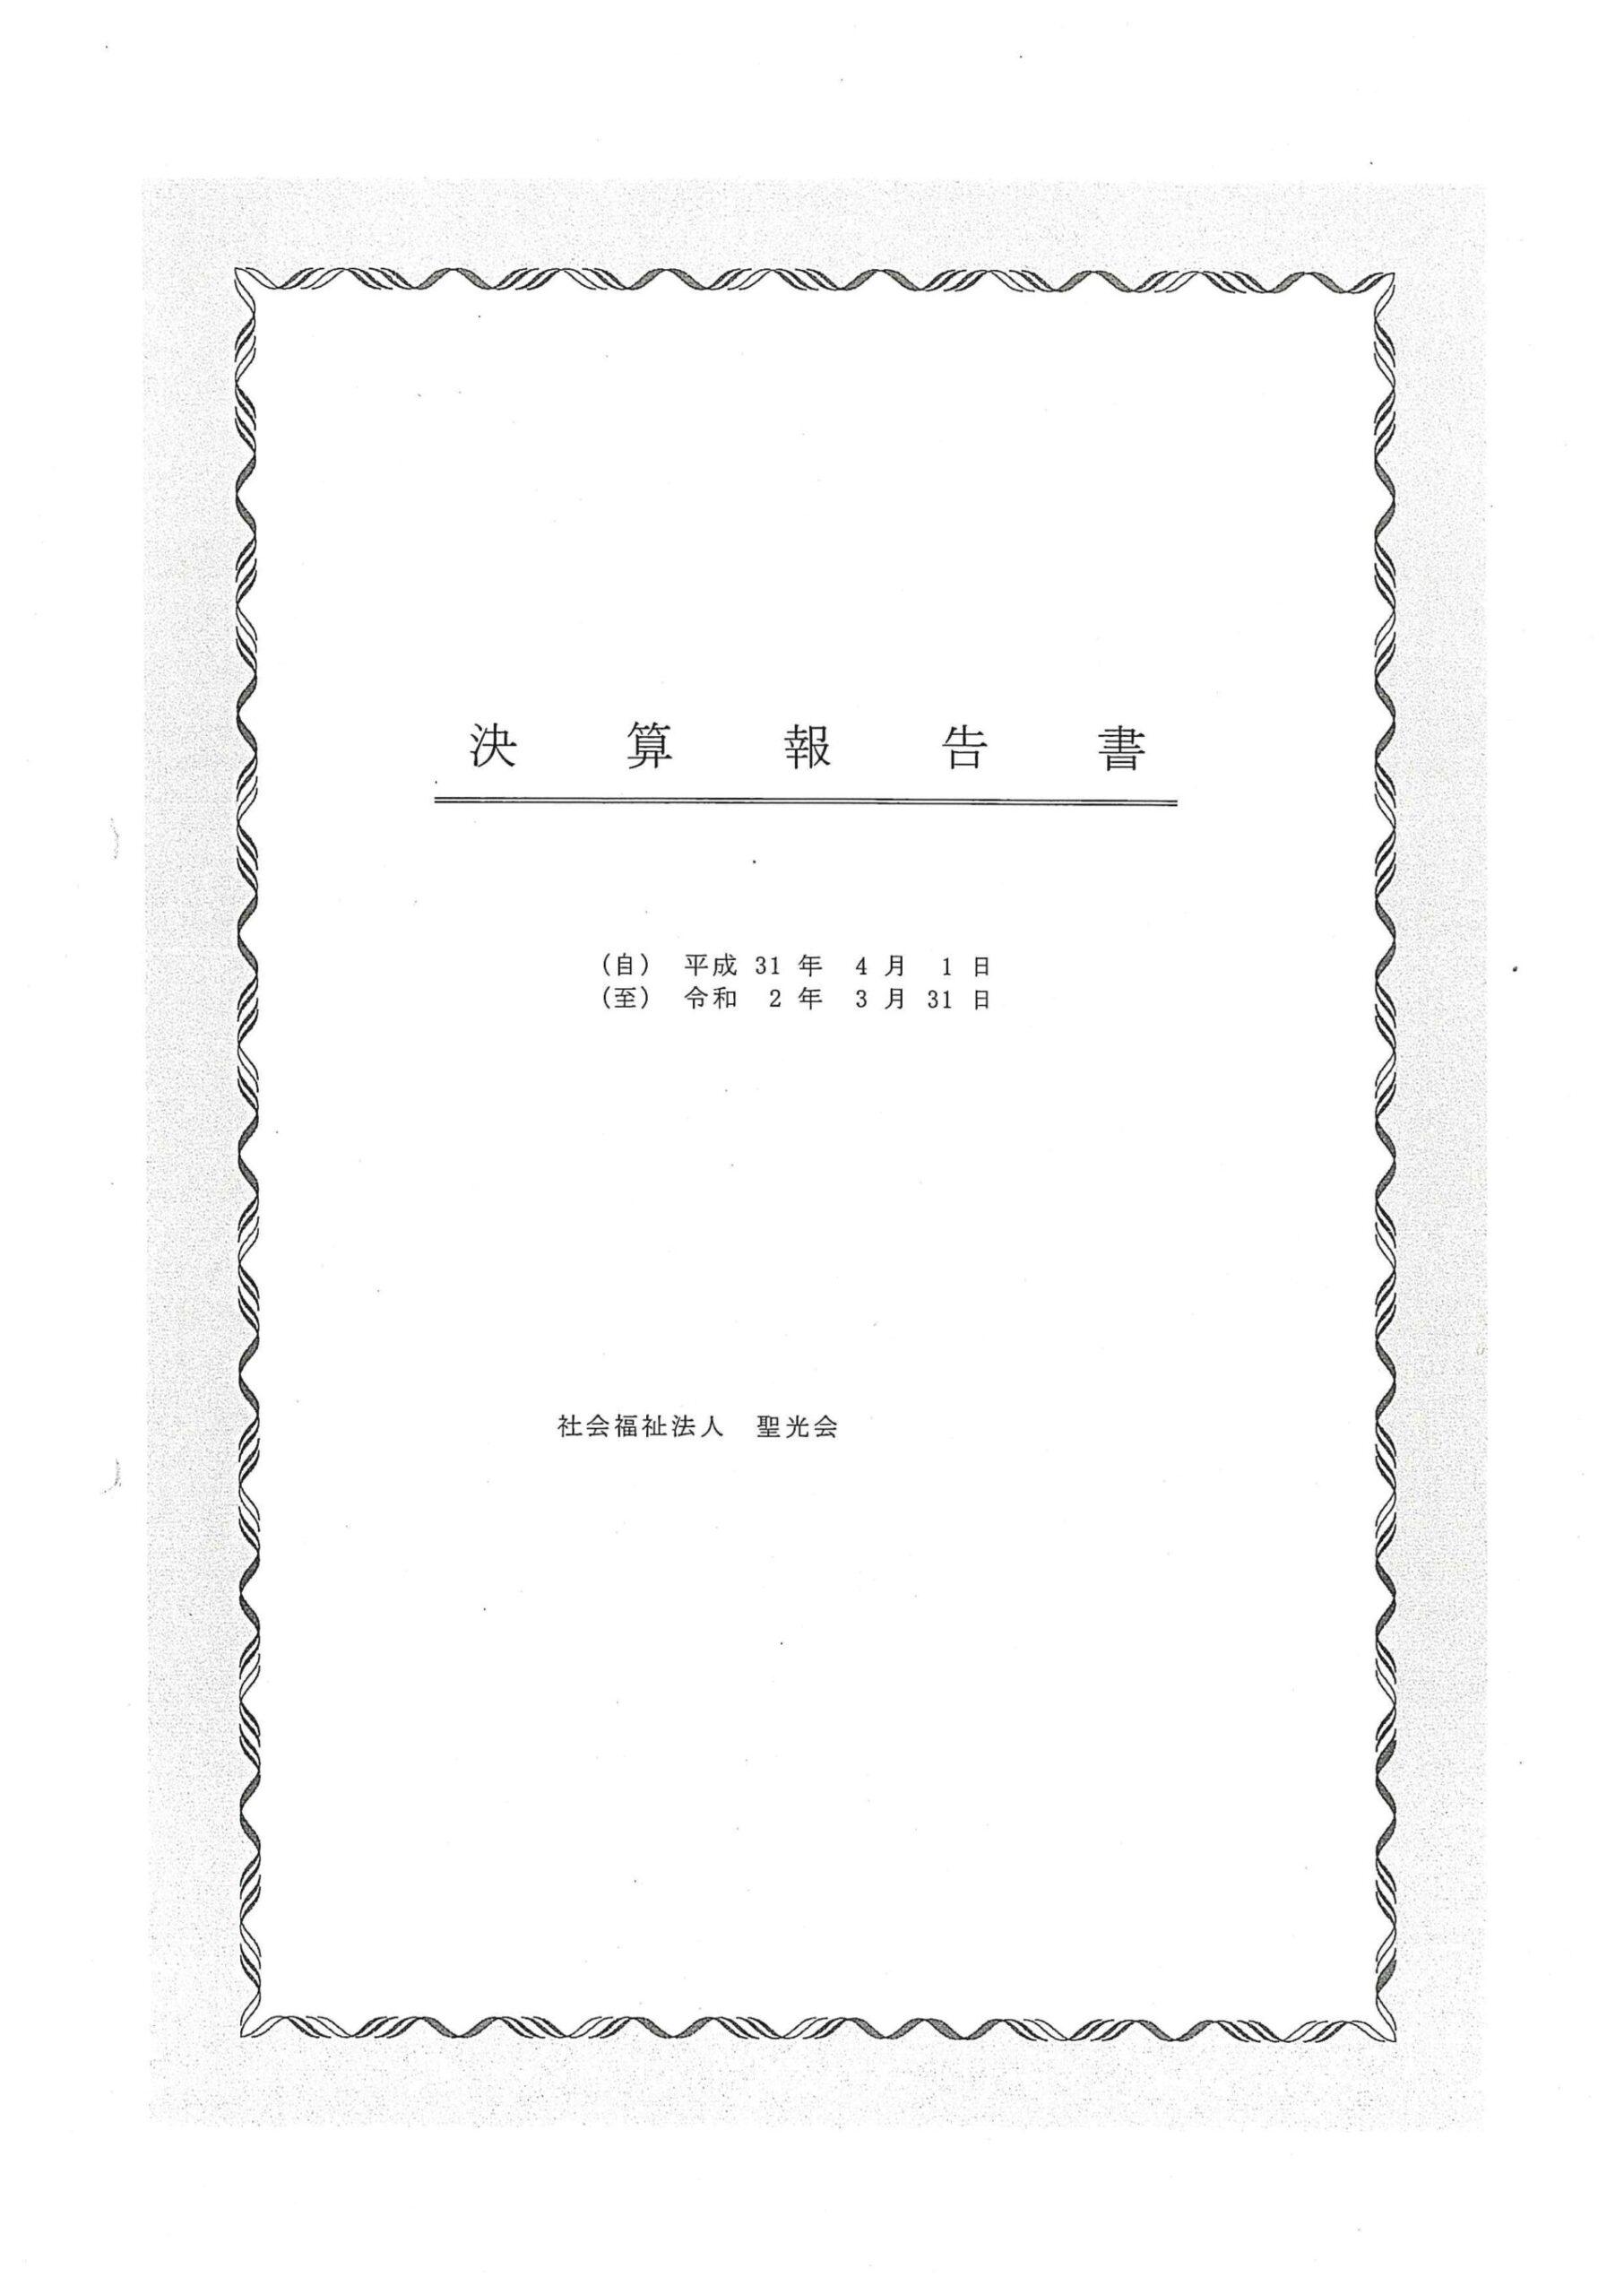 決算報告書のサムネイル